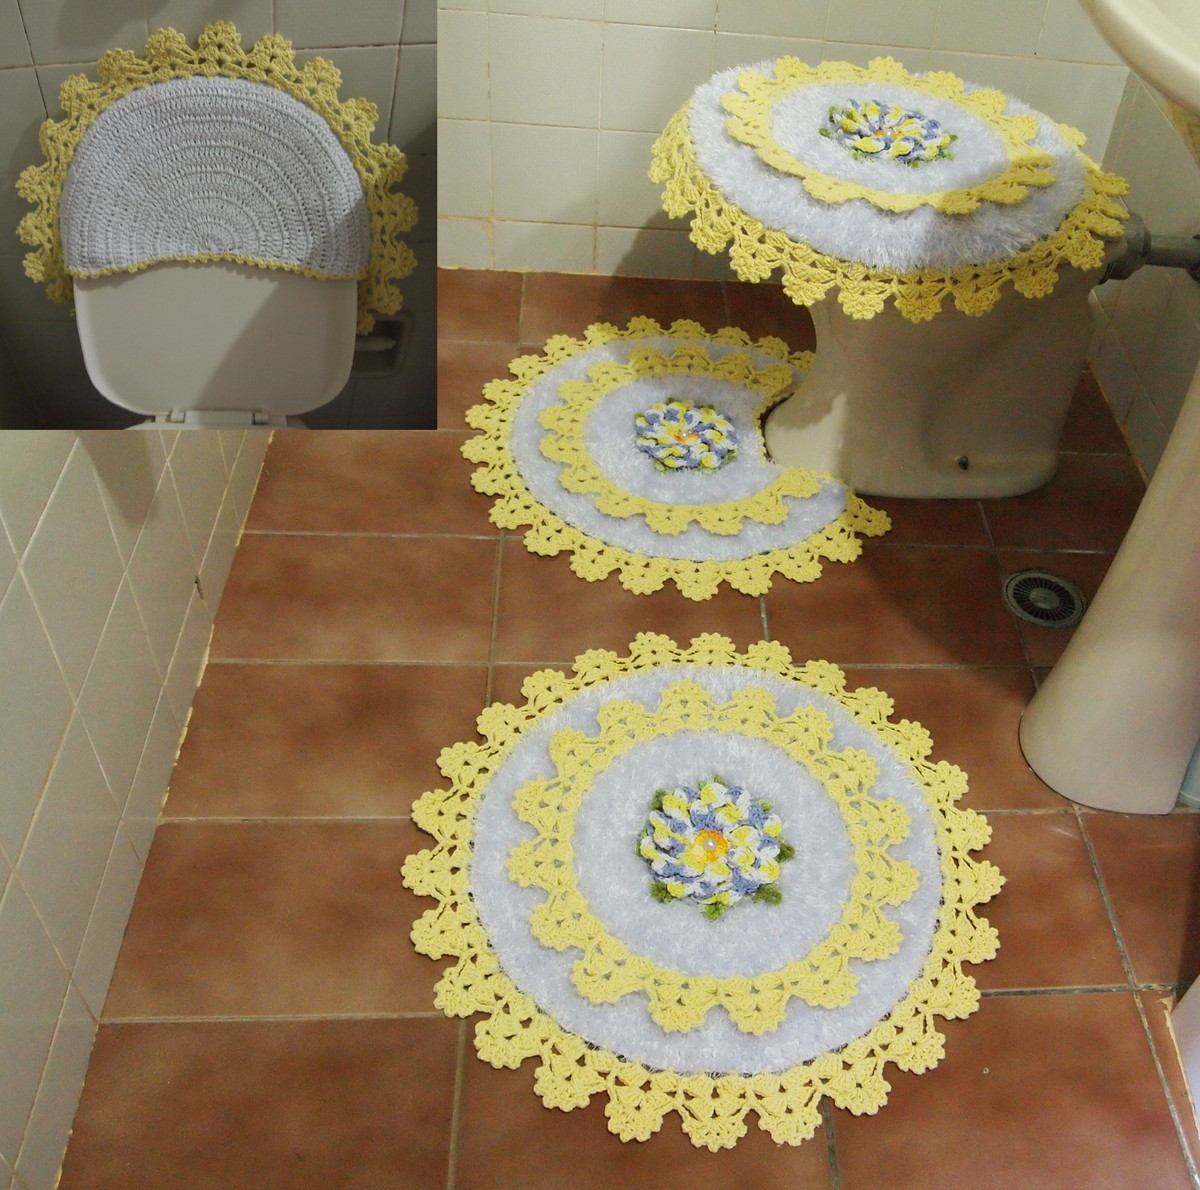 peludinho jogo de banheiro com flor dalia flor dalia jogo de banheiro  #9A9131 1200 1190